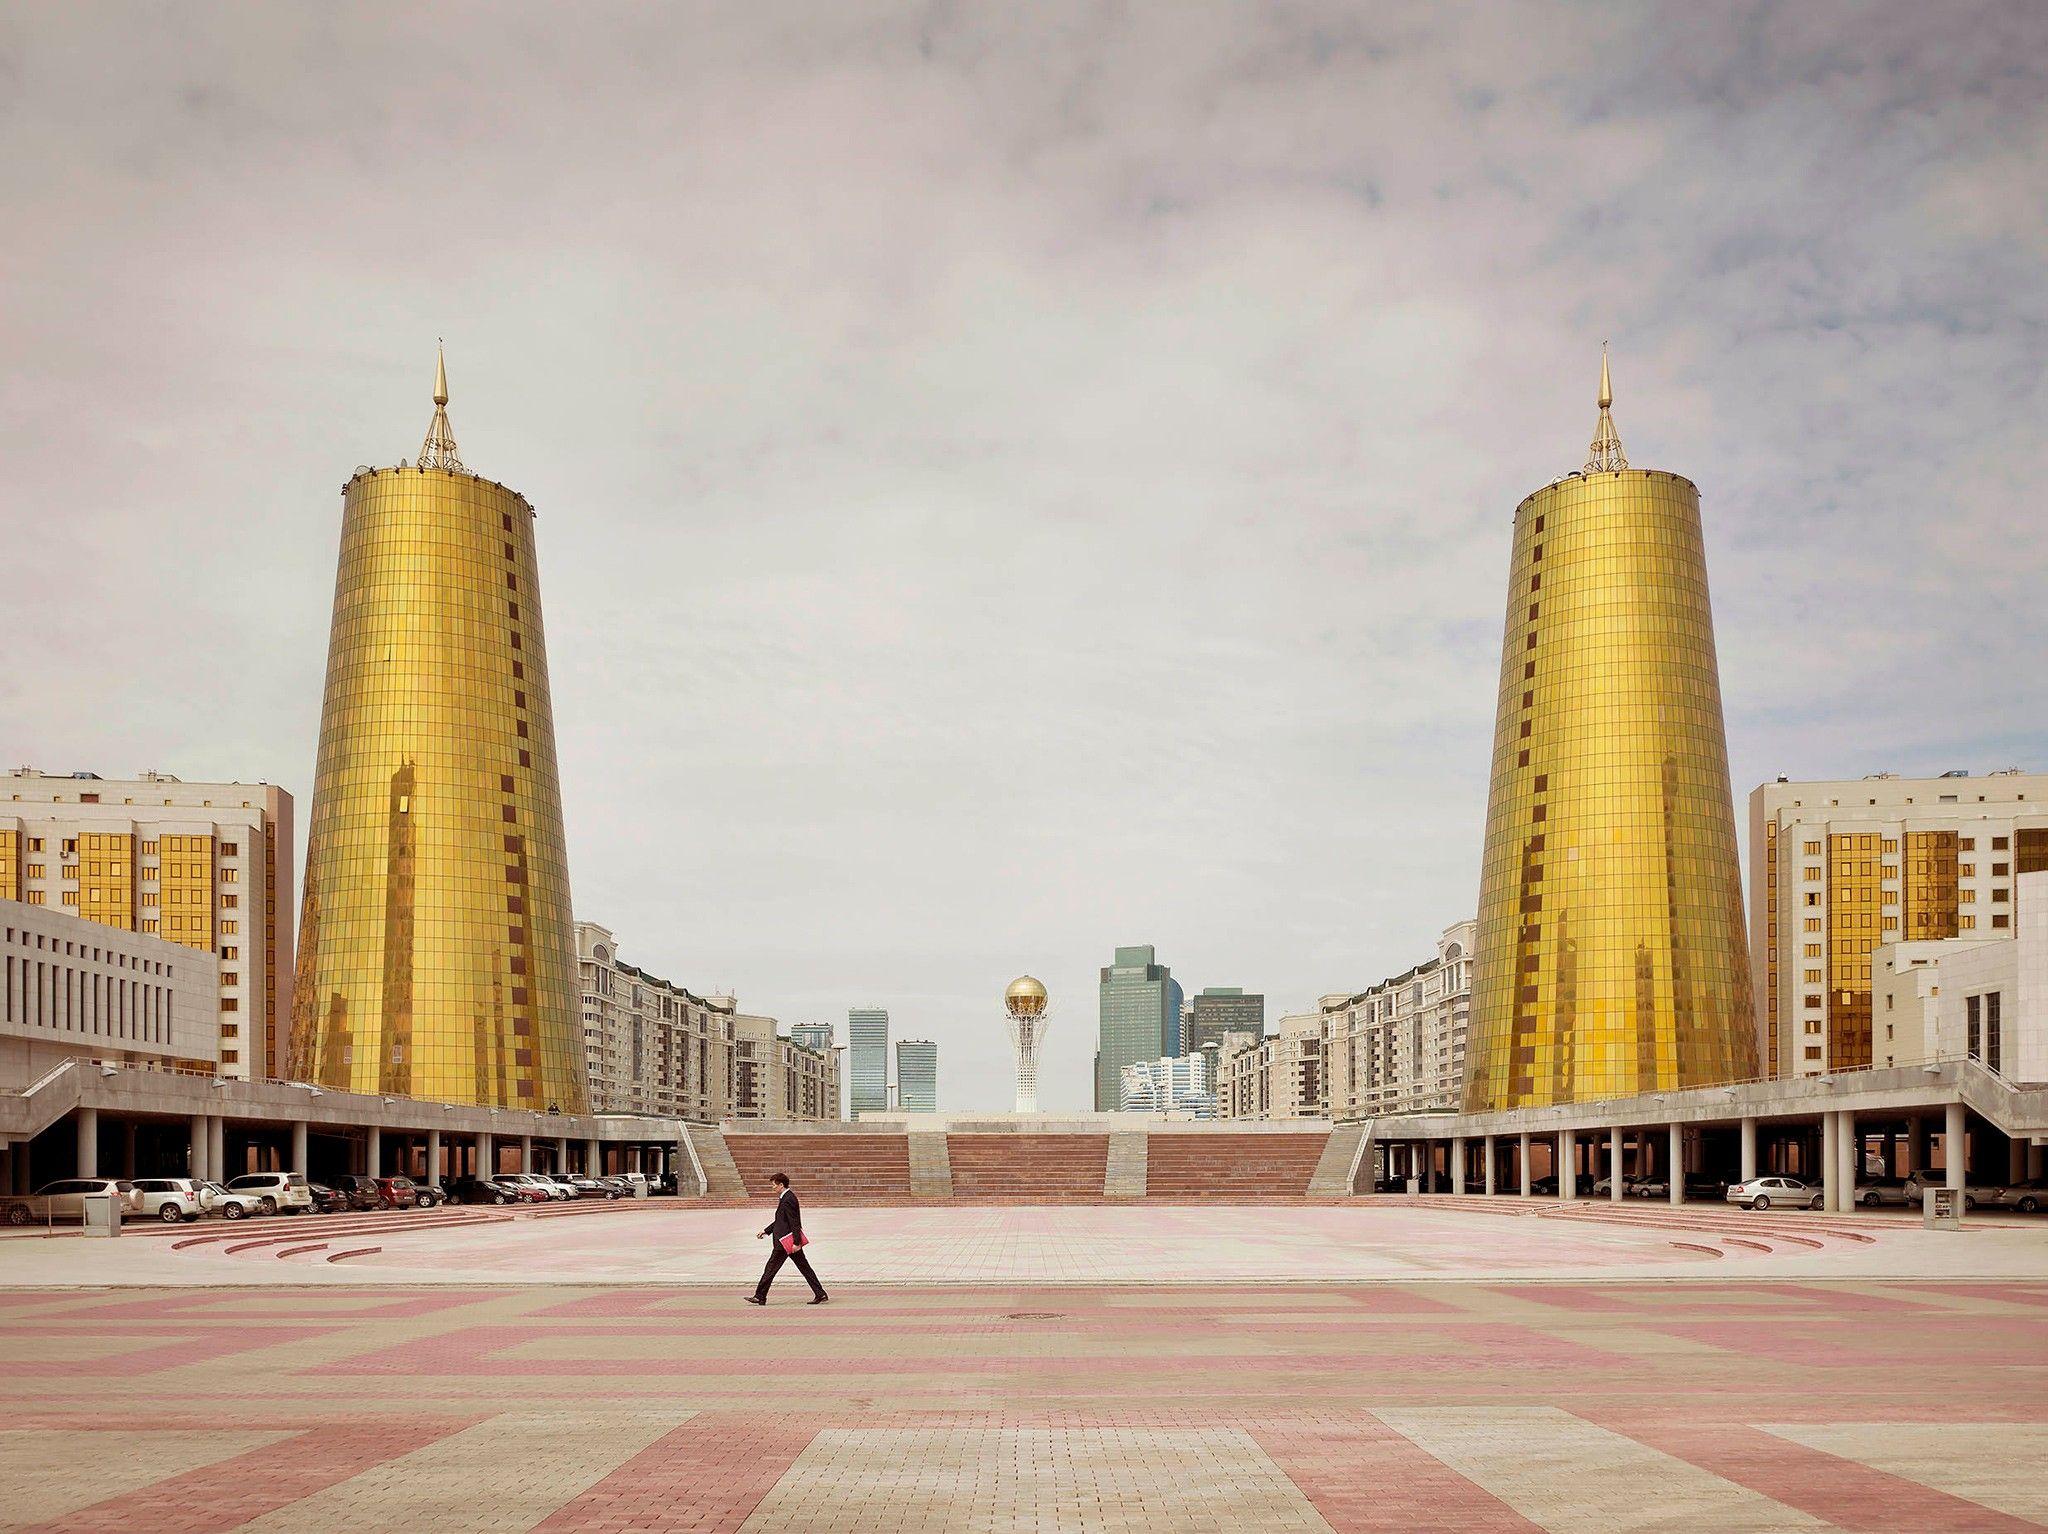 Fotos surreais da arquitetura pós-soviética   National Geographic